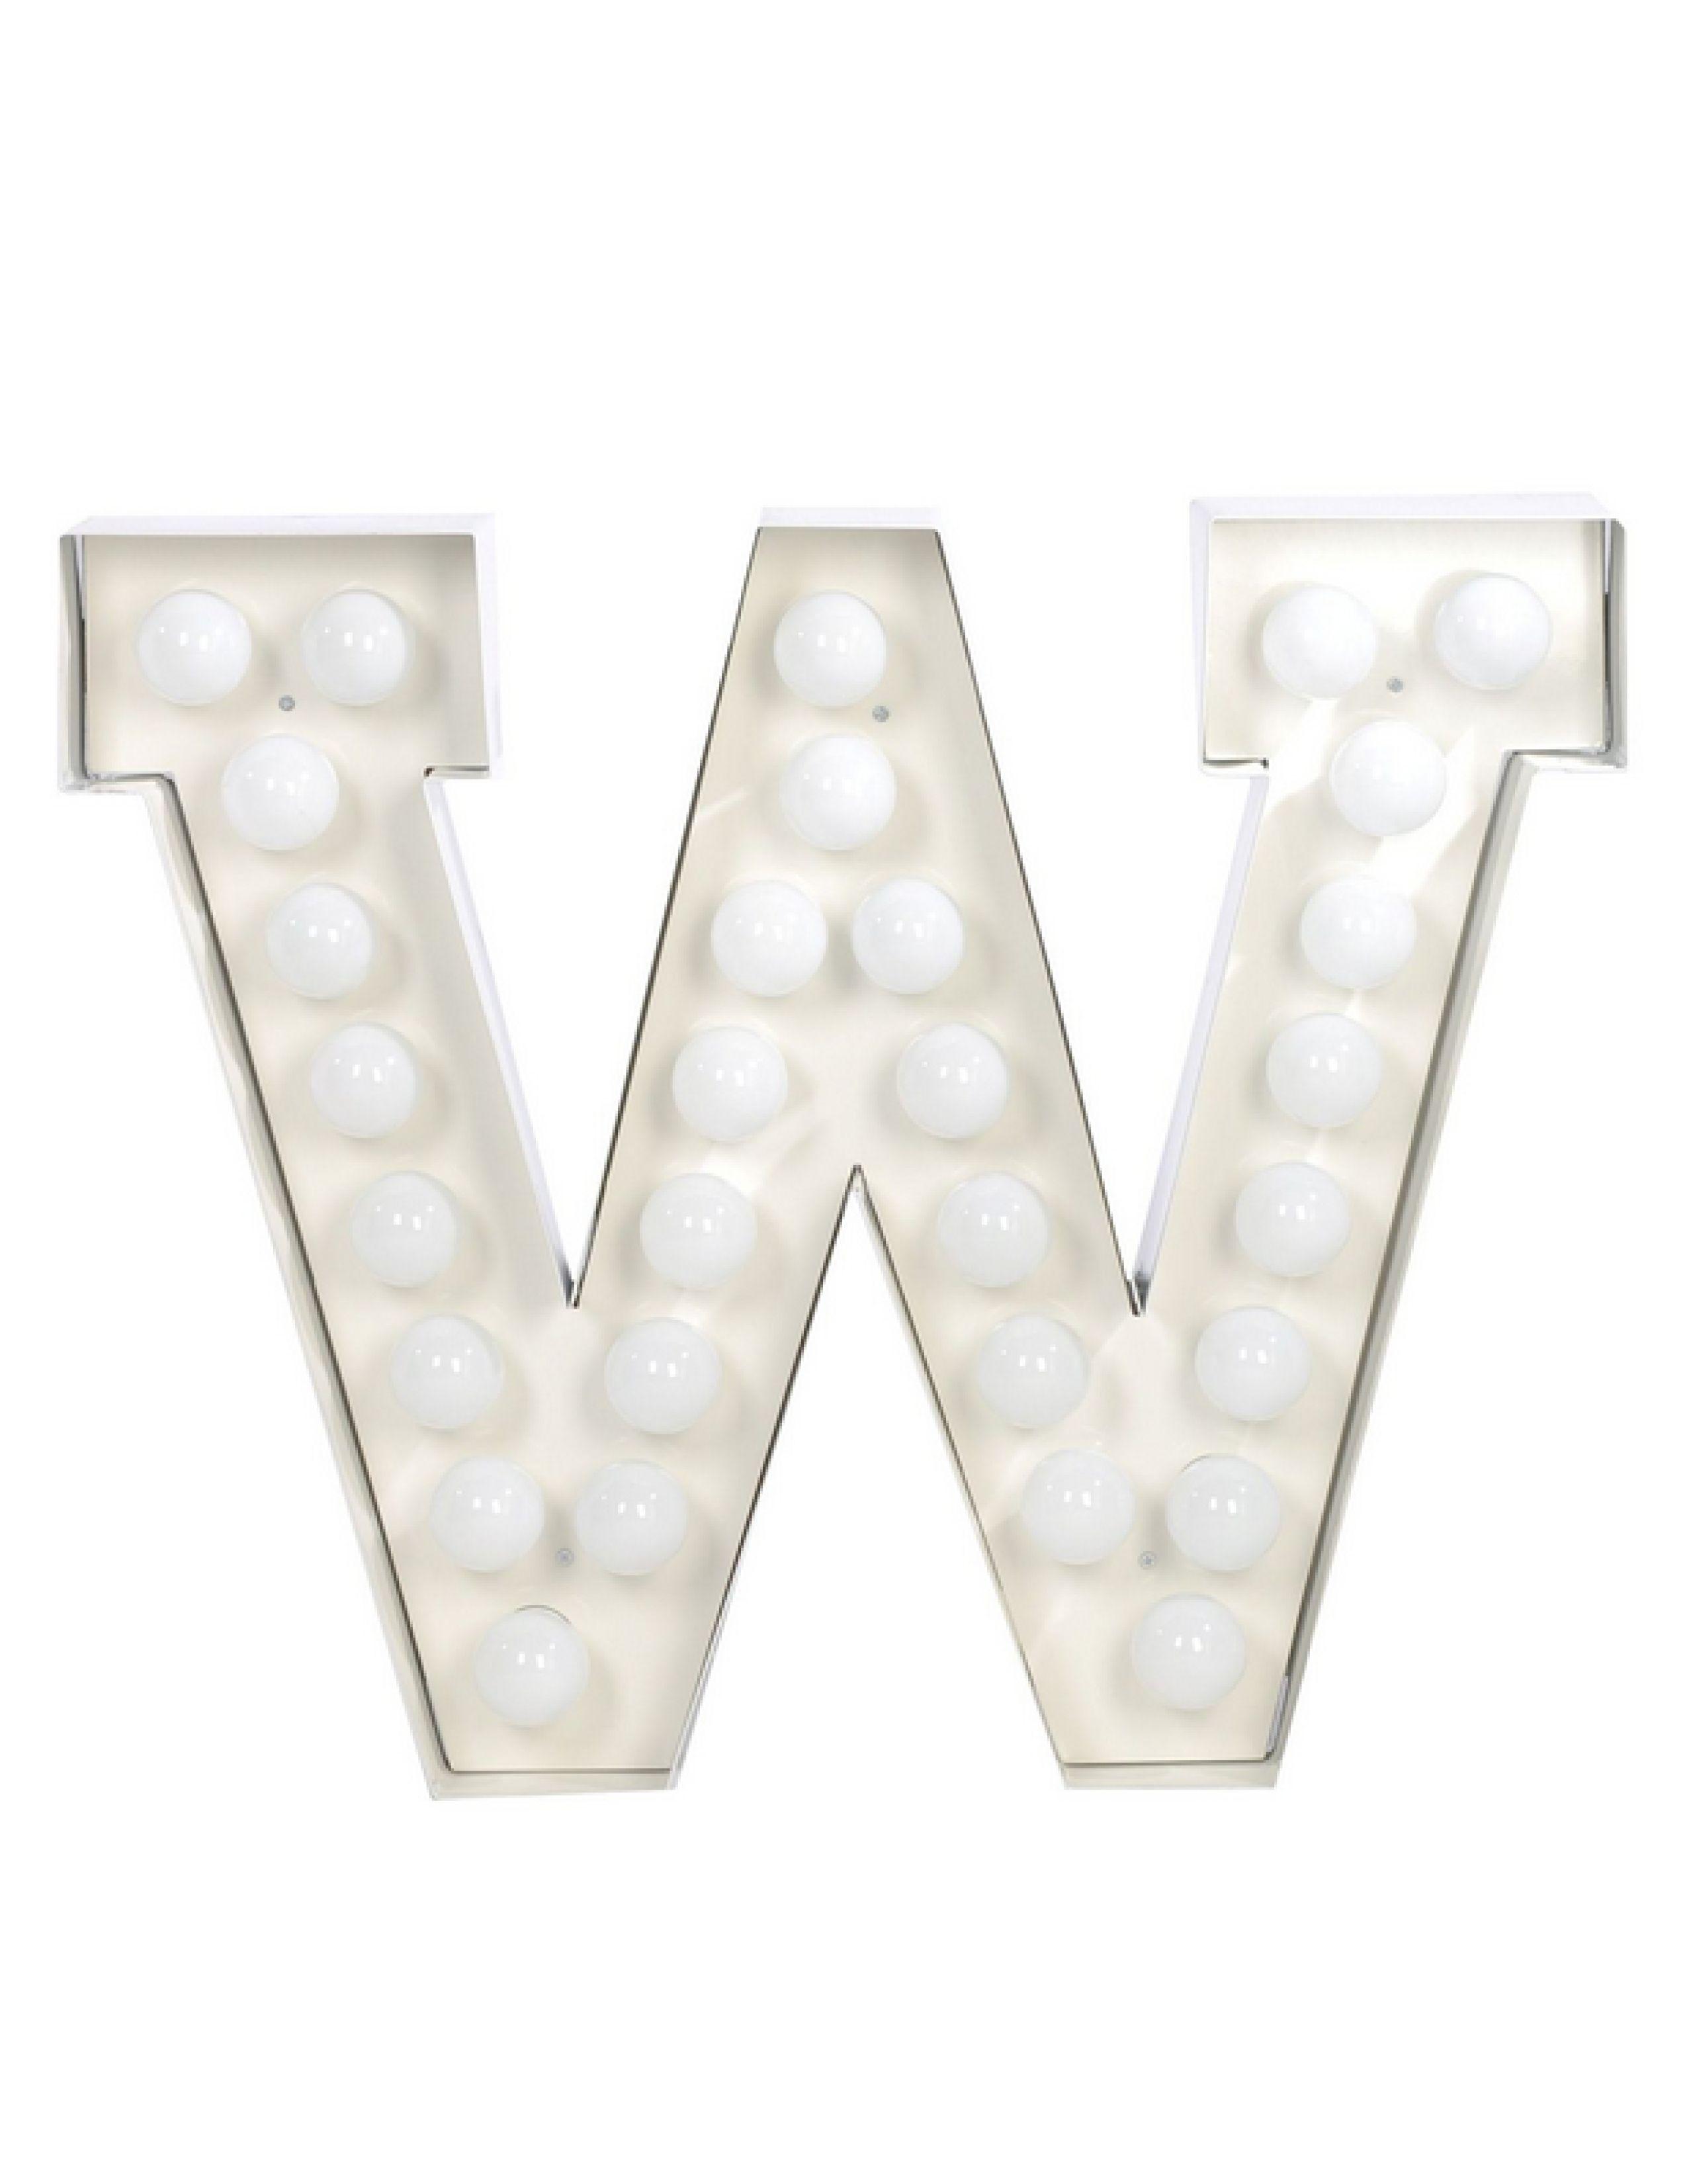 Seletti VEGAZ LED verlichting W